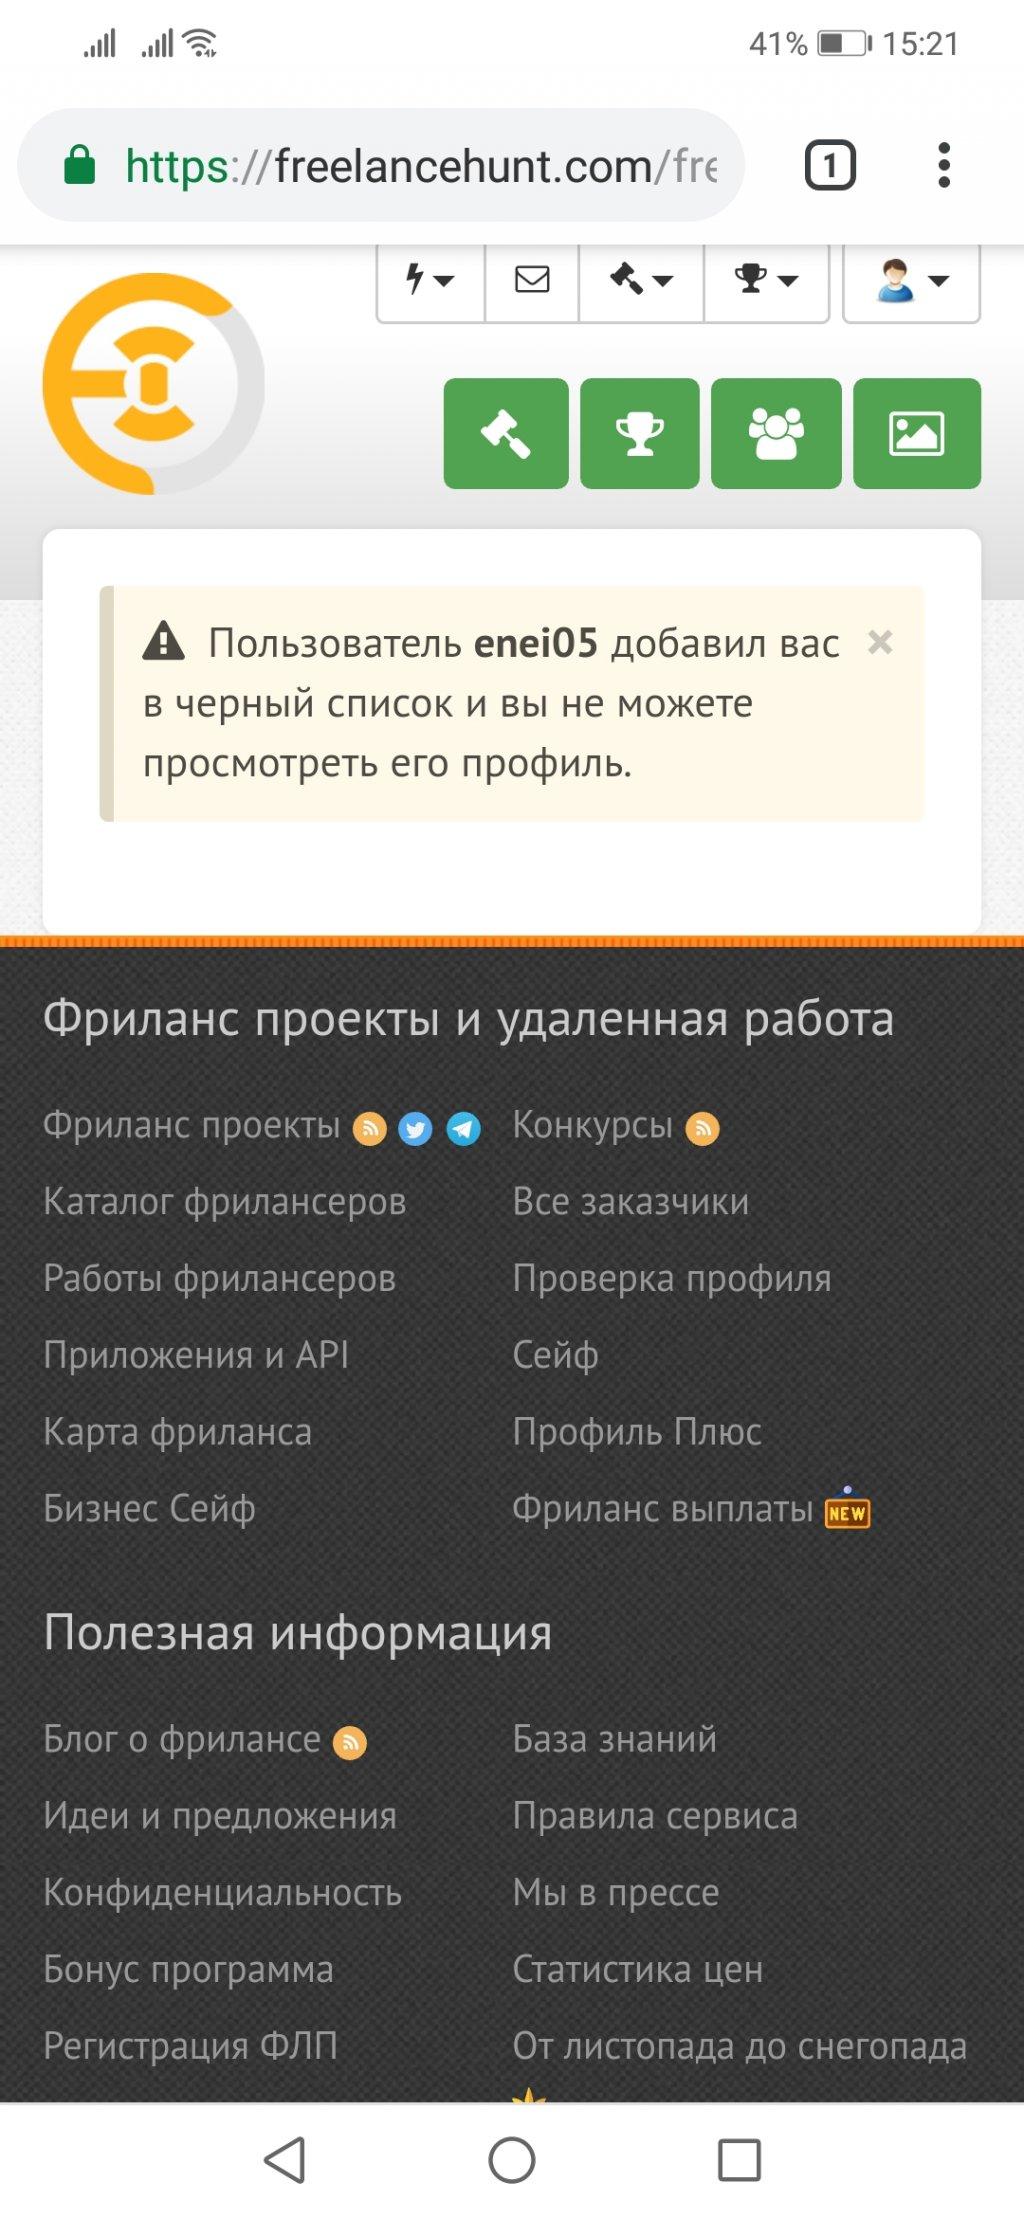 Freelance (Фриланс Украина) - Андрей Киселев